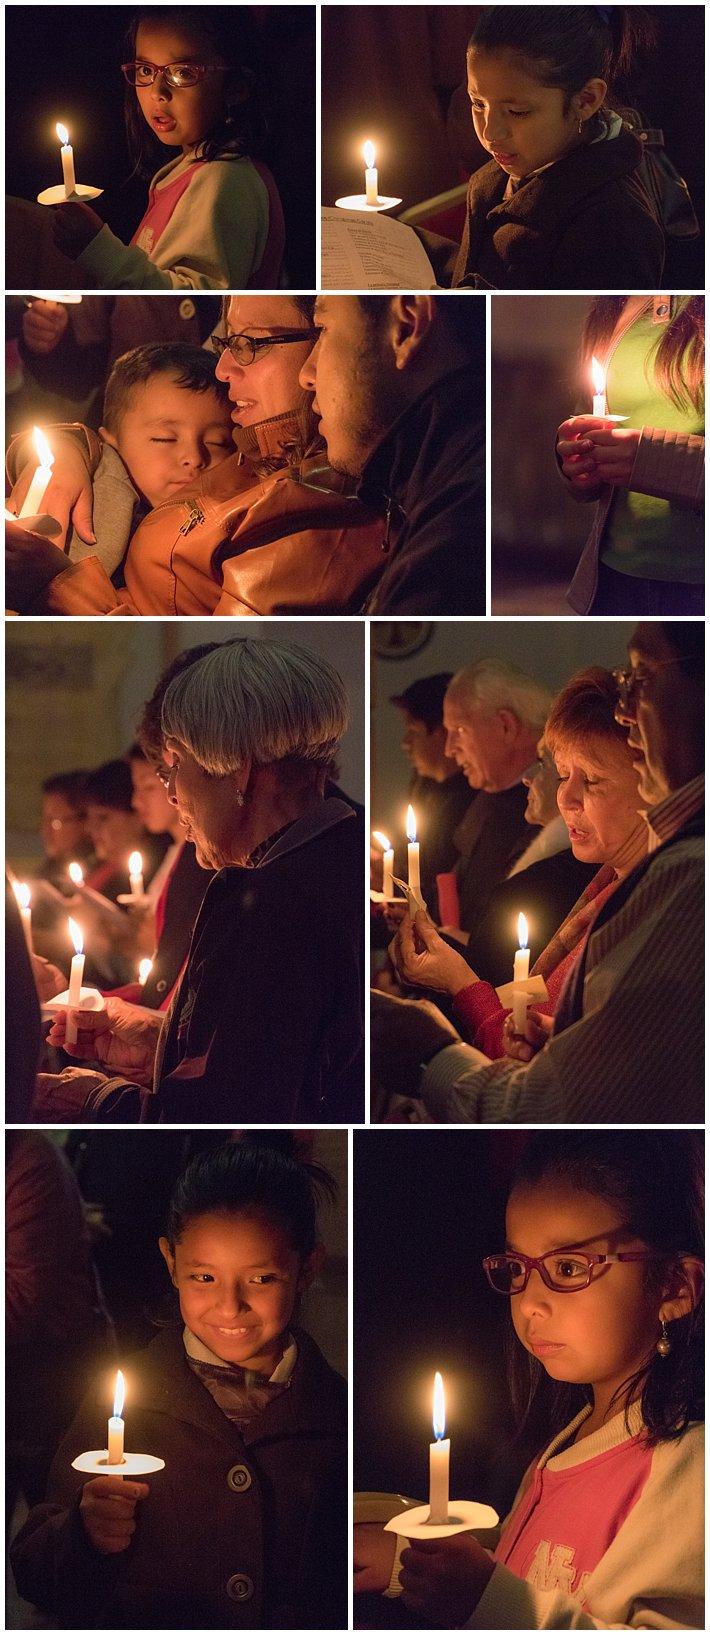 Christmas Chorale Candles in Cuenca, Ecuador Dec 21, 2016